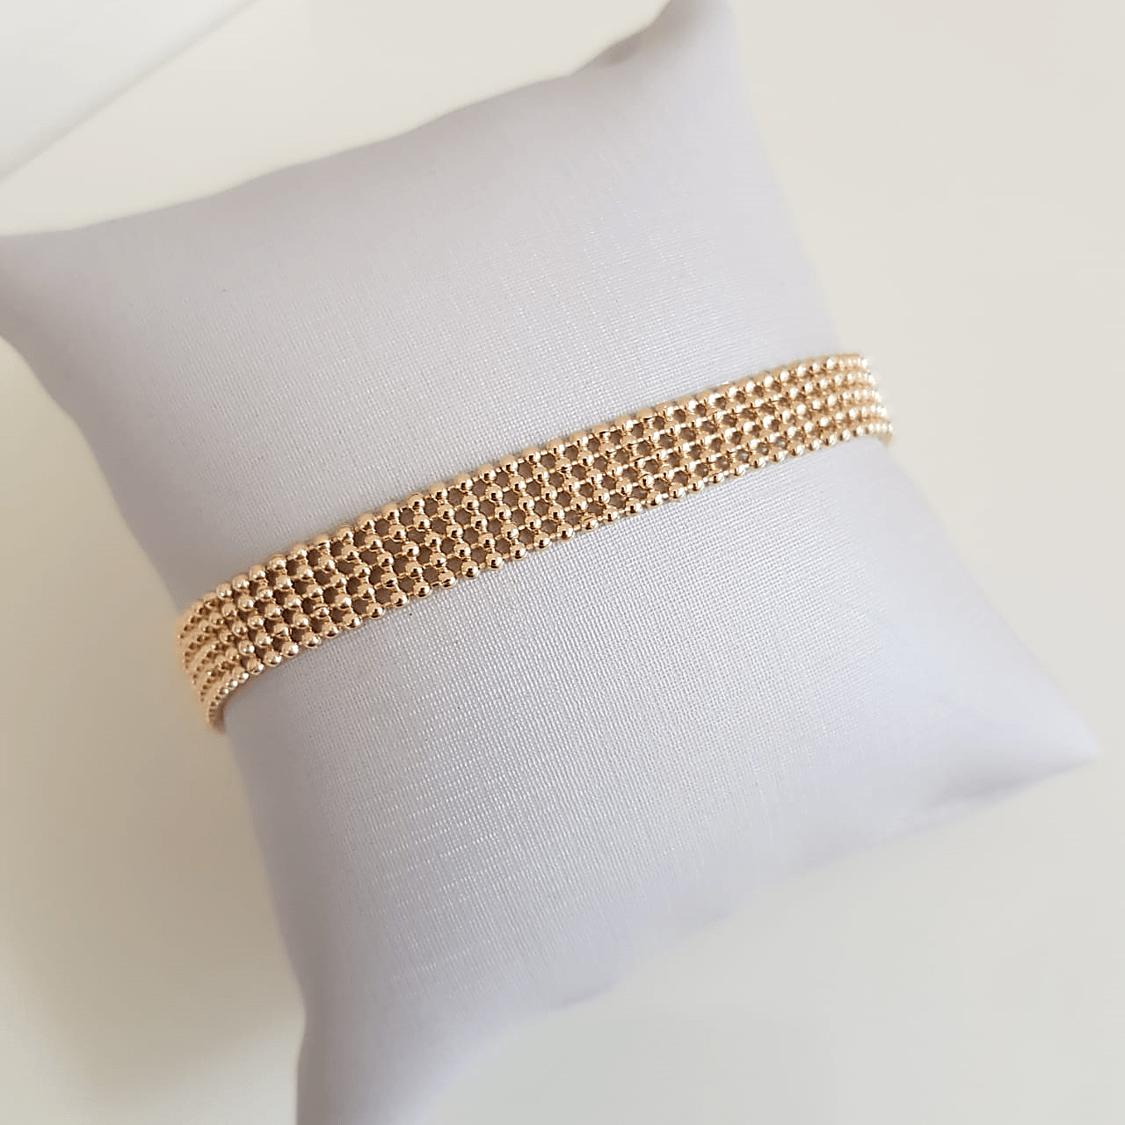 Pulseiras de malha fita dourada - Dois tamanhos 18,5 cm e 15,5 cm